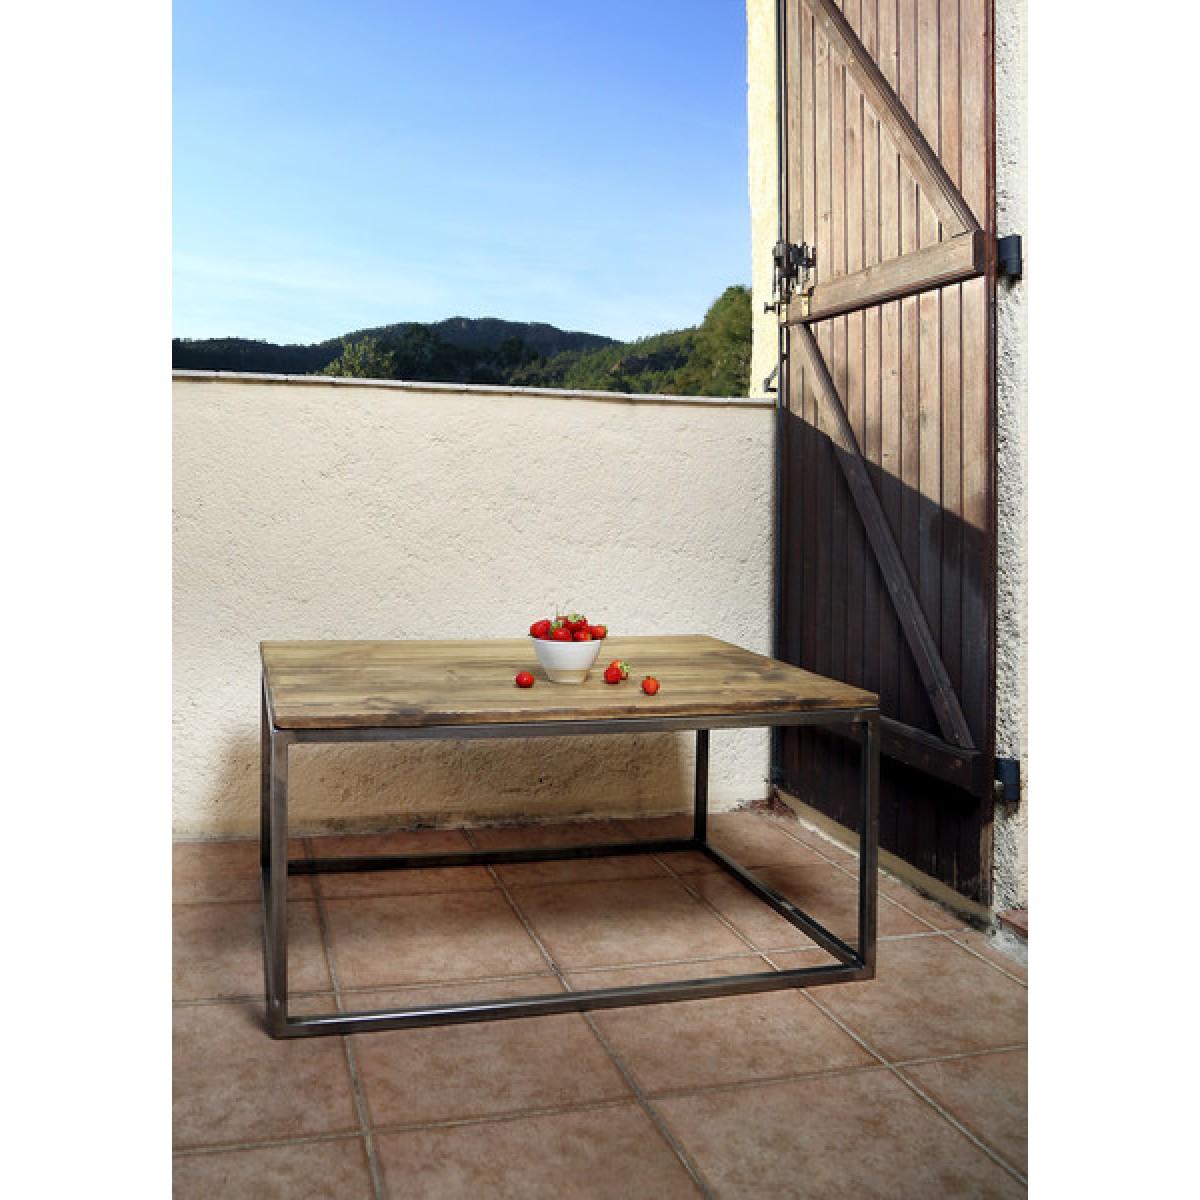 FraaiBerlin – Couchtisch aus Bauholz und Eisen Harjet